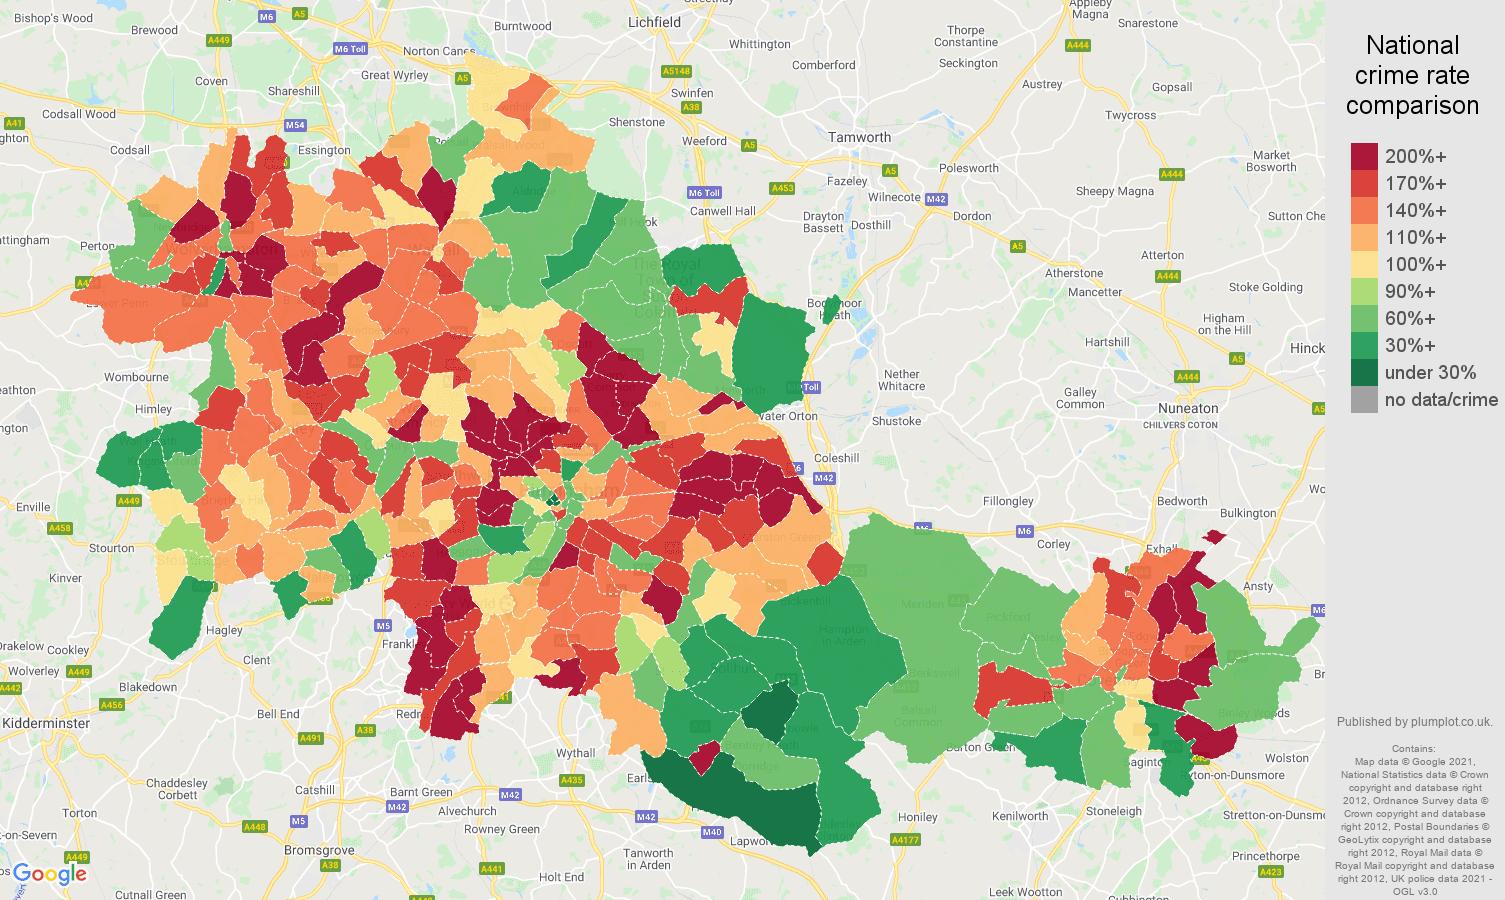 West Midlands county violent crime rate comparison map